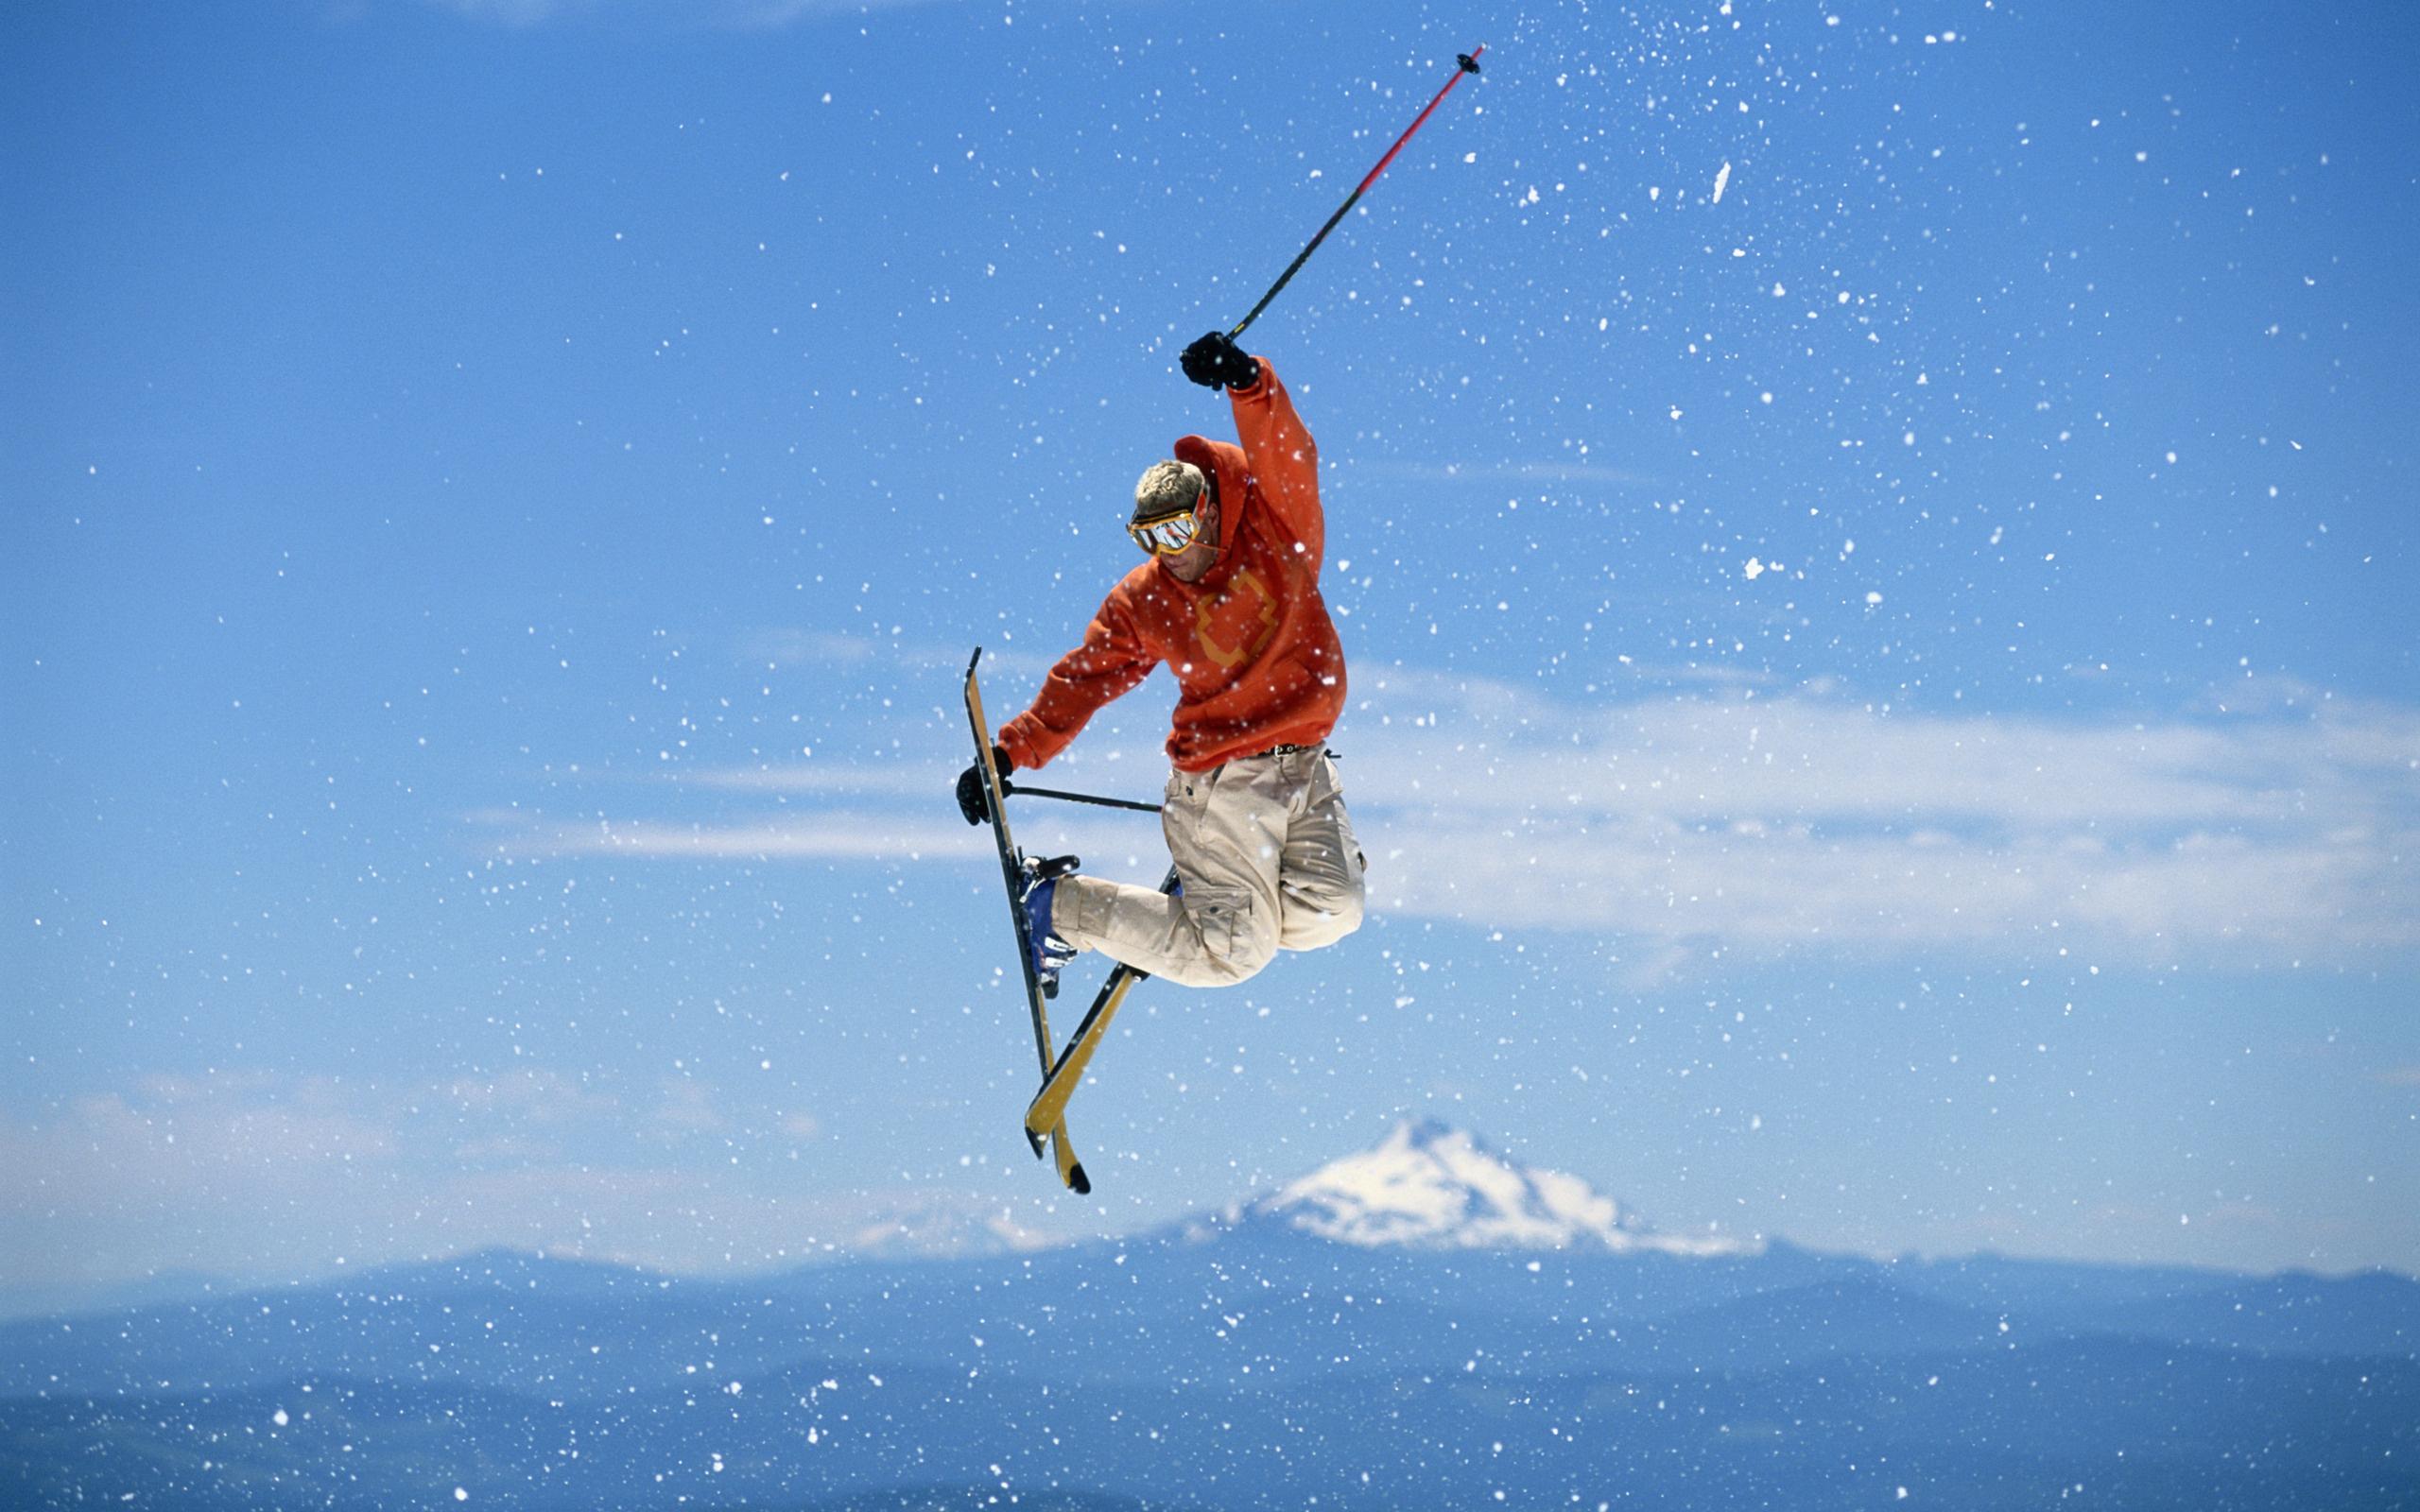 Фотосъемка людей на горных лыжах и сноуборде